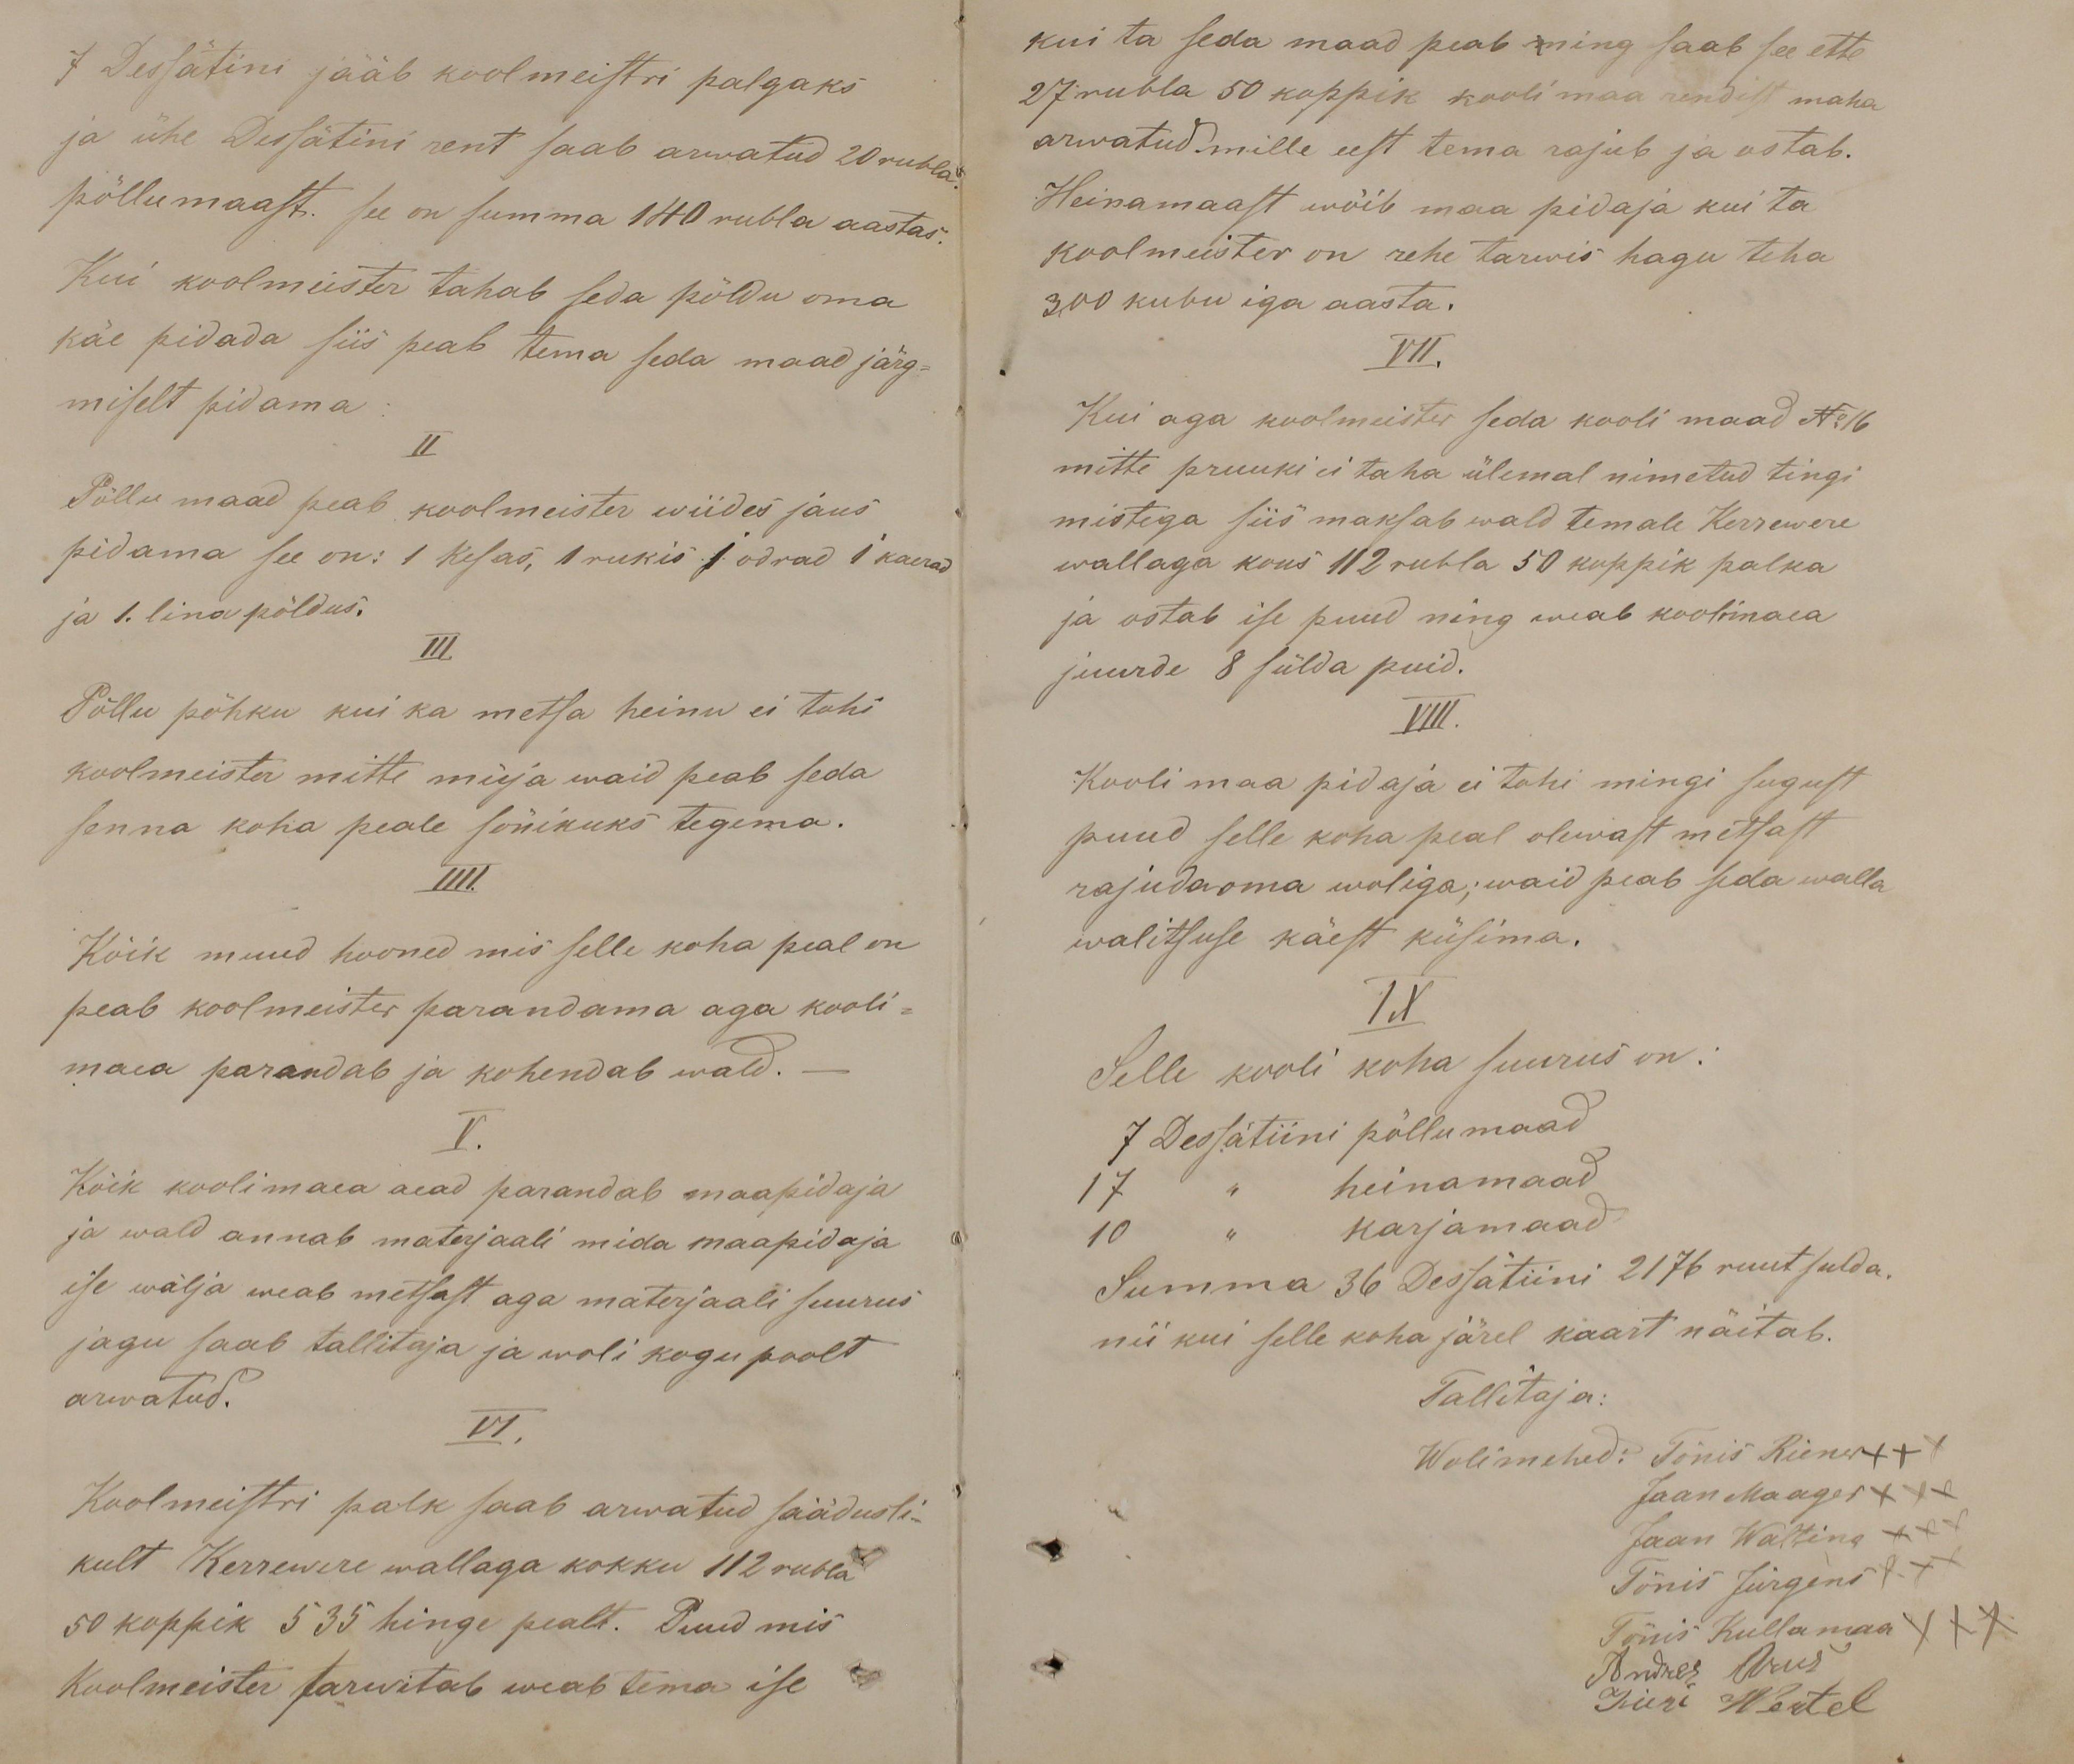 Oisu ja Kärevere vallad Järvamaal otsustasid oma kooliasjad ühendada ning Oisu vallavalitsuse protokolliraamatus on 1885/1886 aasta vahetuse aegu kirja pandud, mida vald ühisele koolmeistrile palgaks määras. k2